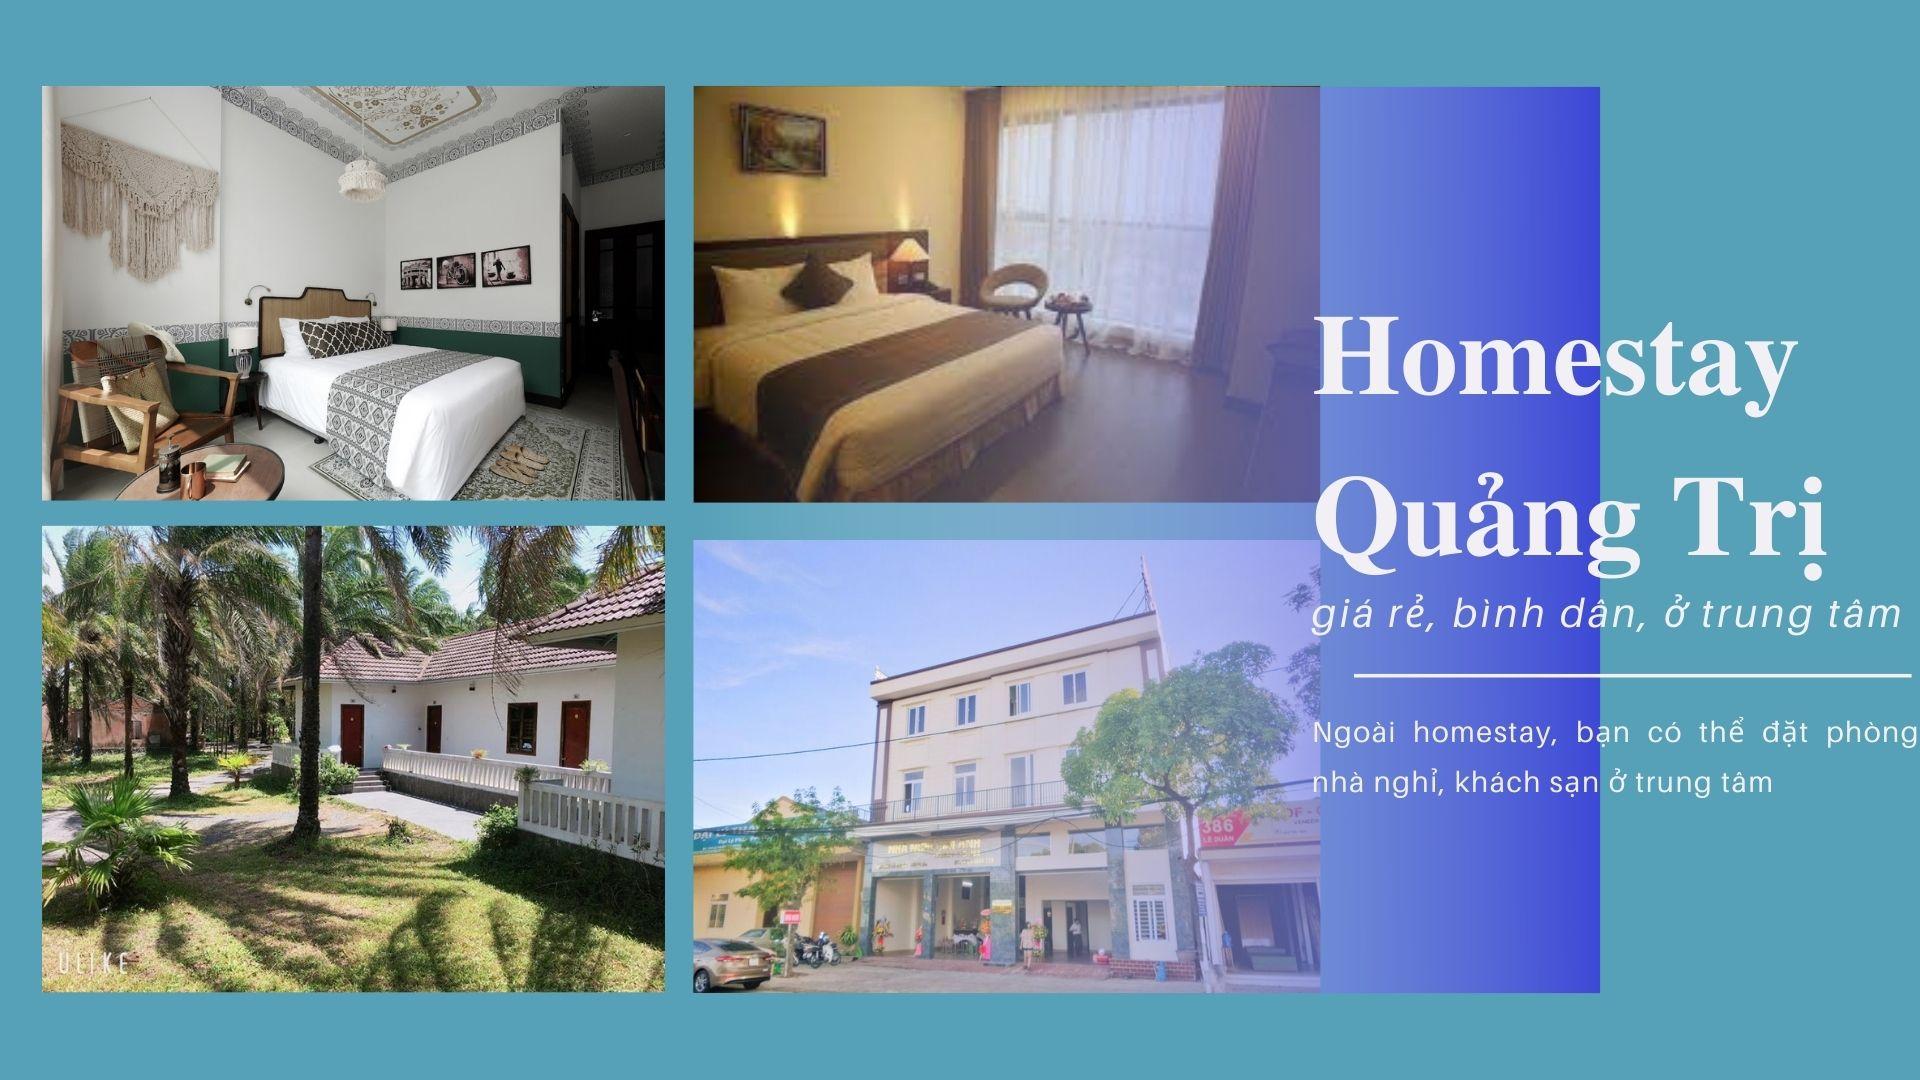 Top 8 Homestay Quảng Trị Đông Hà giá rẻ sạch đẹp ở trung tâm